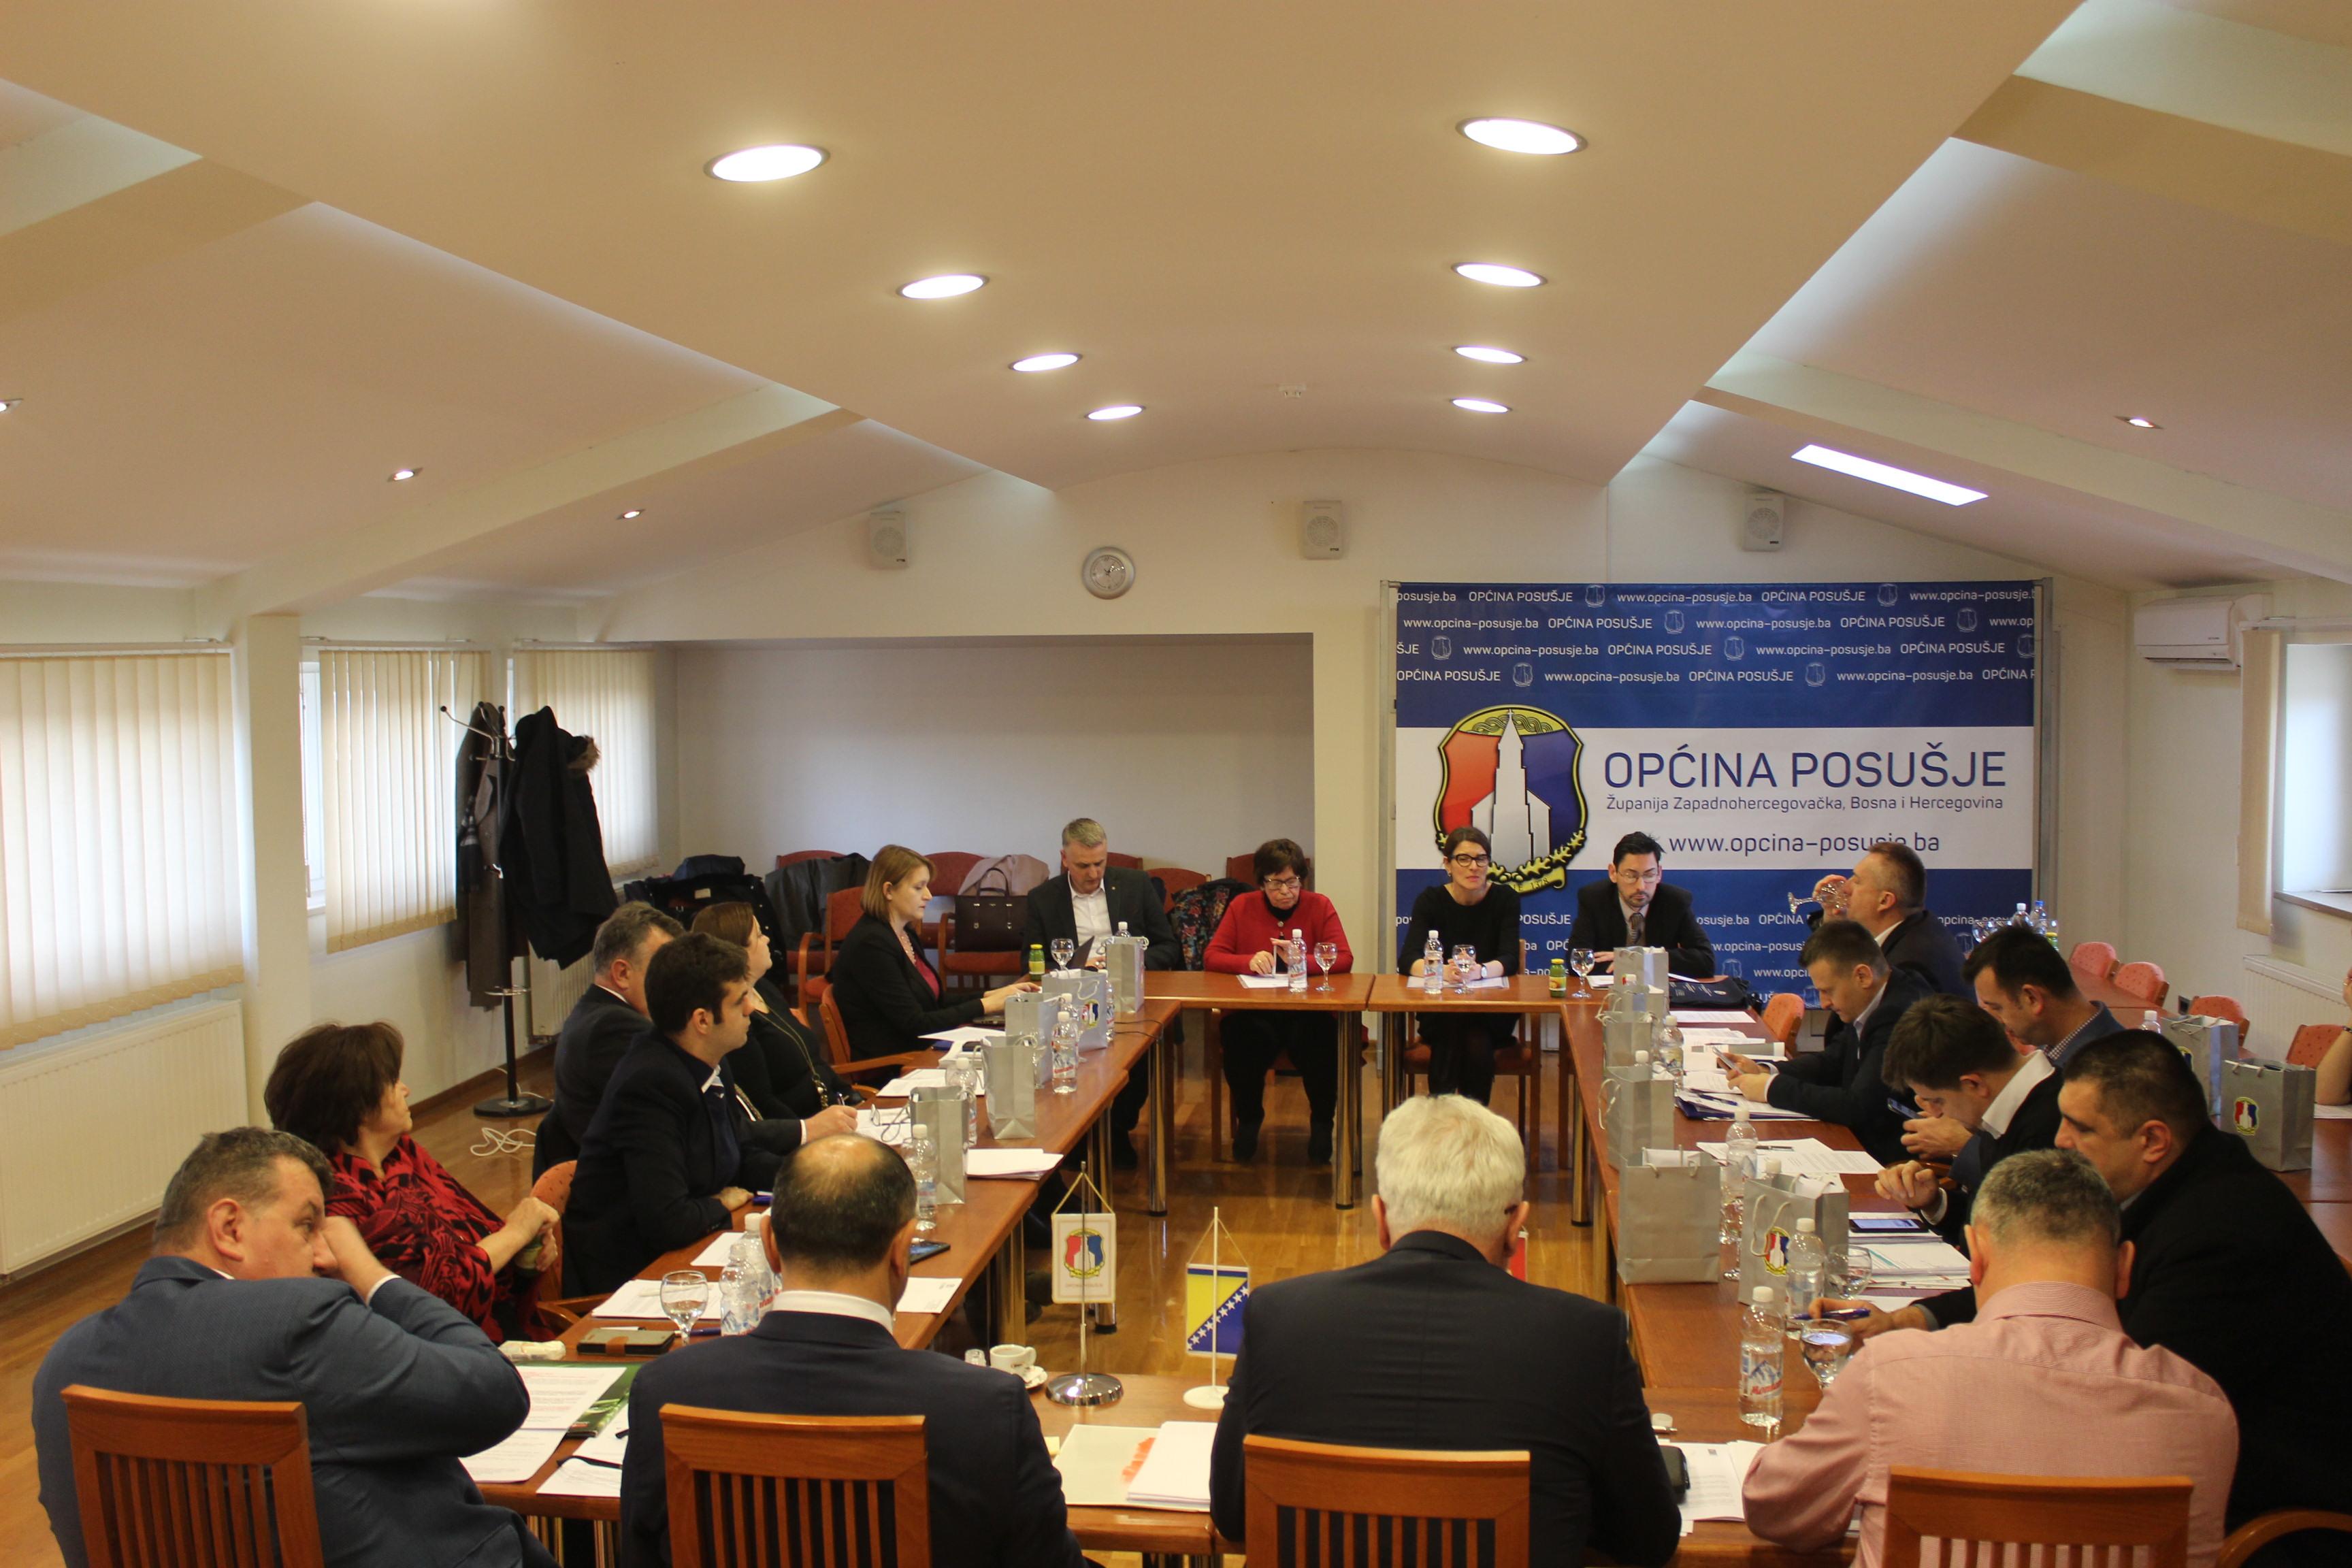 Održana sjednica Predsjedništva Skupštine SOGFBiH-a